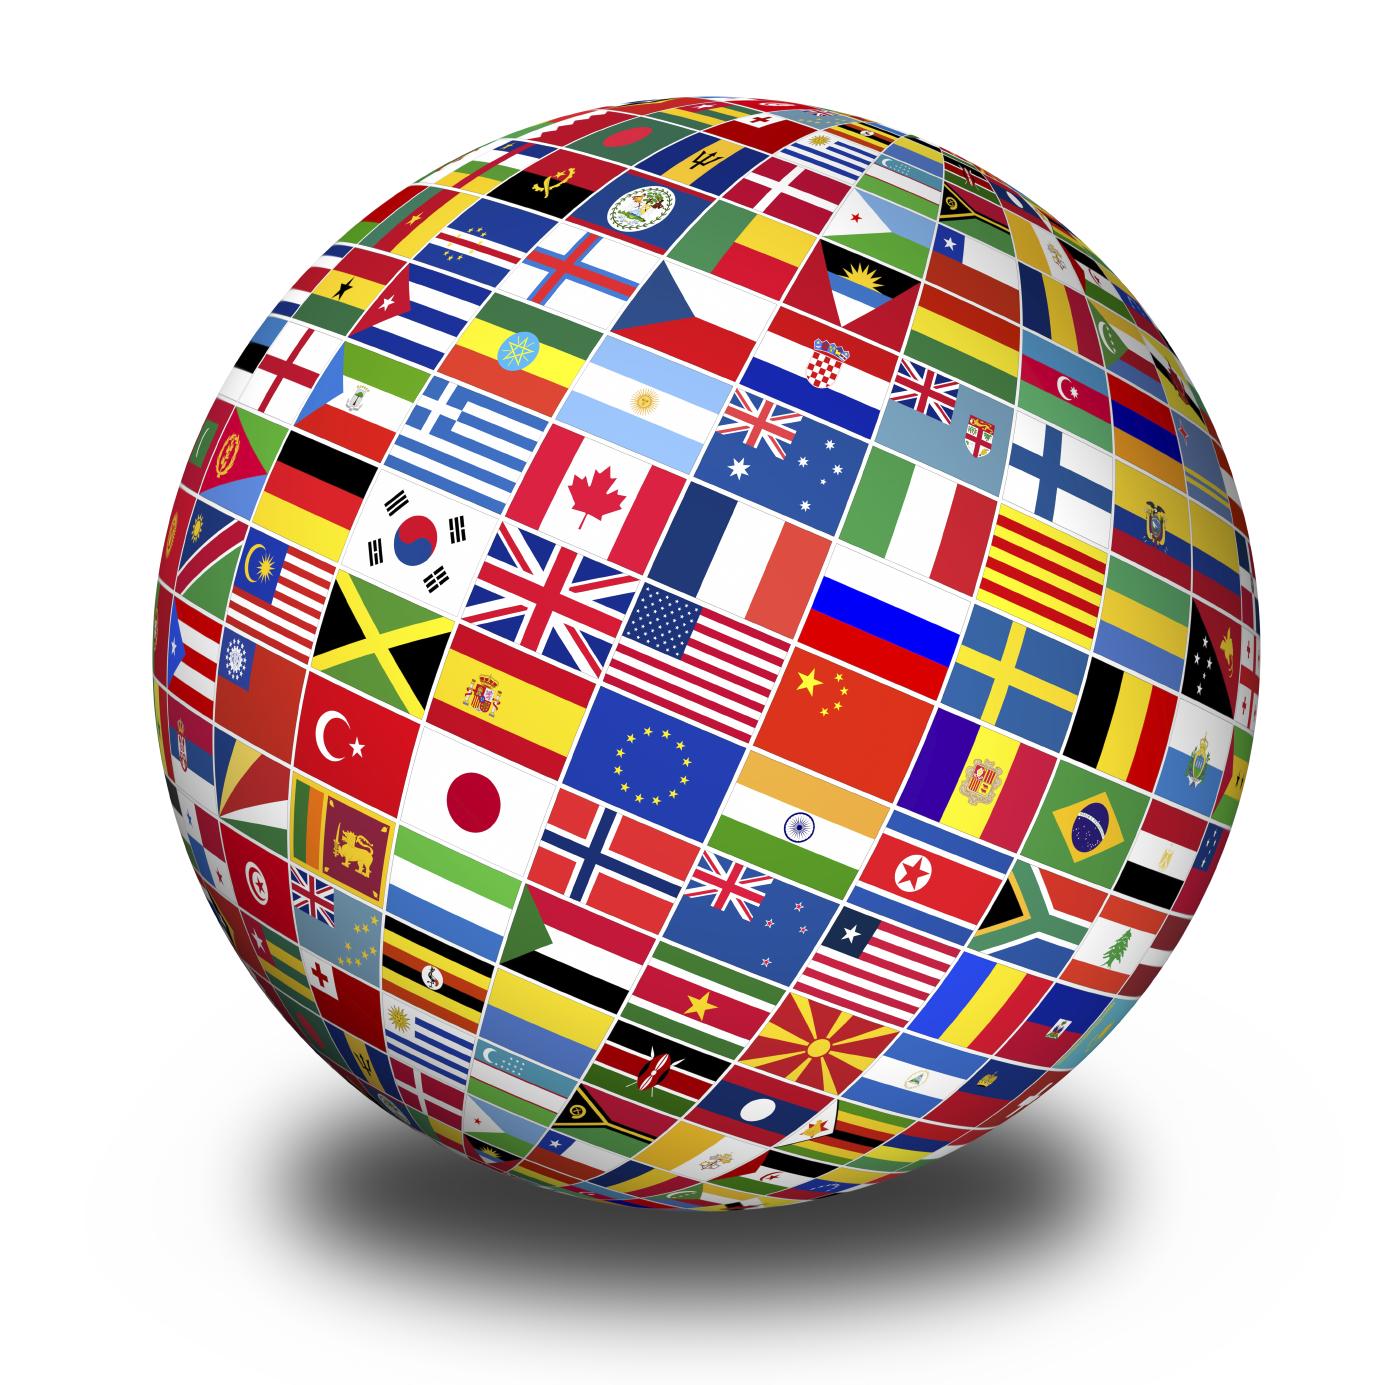 картинки флаги шары странице